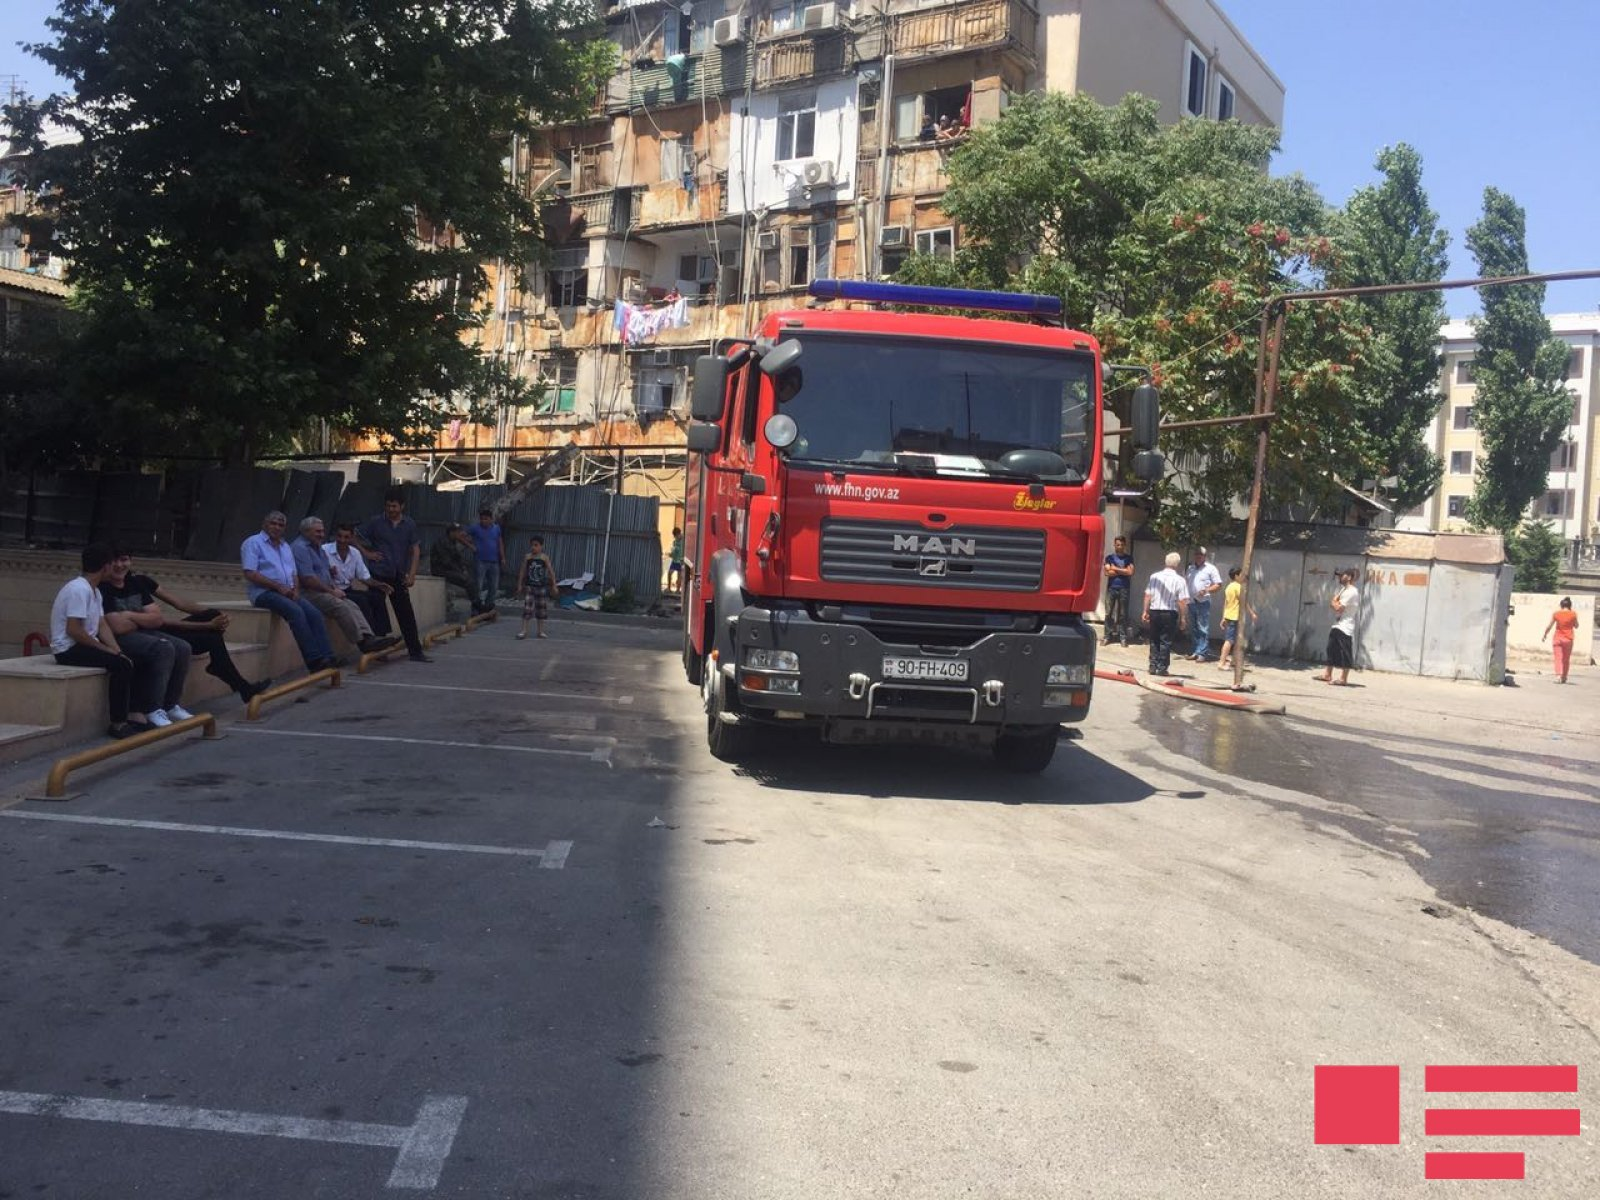 Произошел пожар в здании университета в Баку — ФОТО